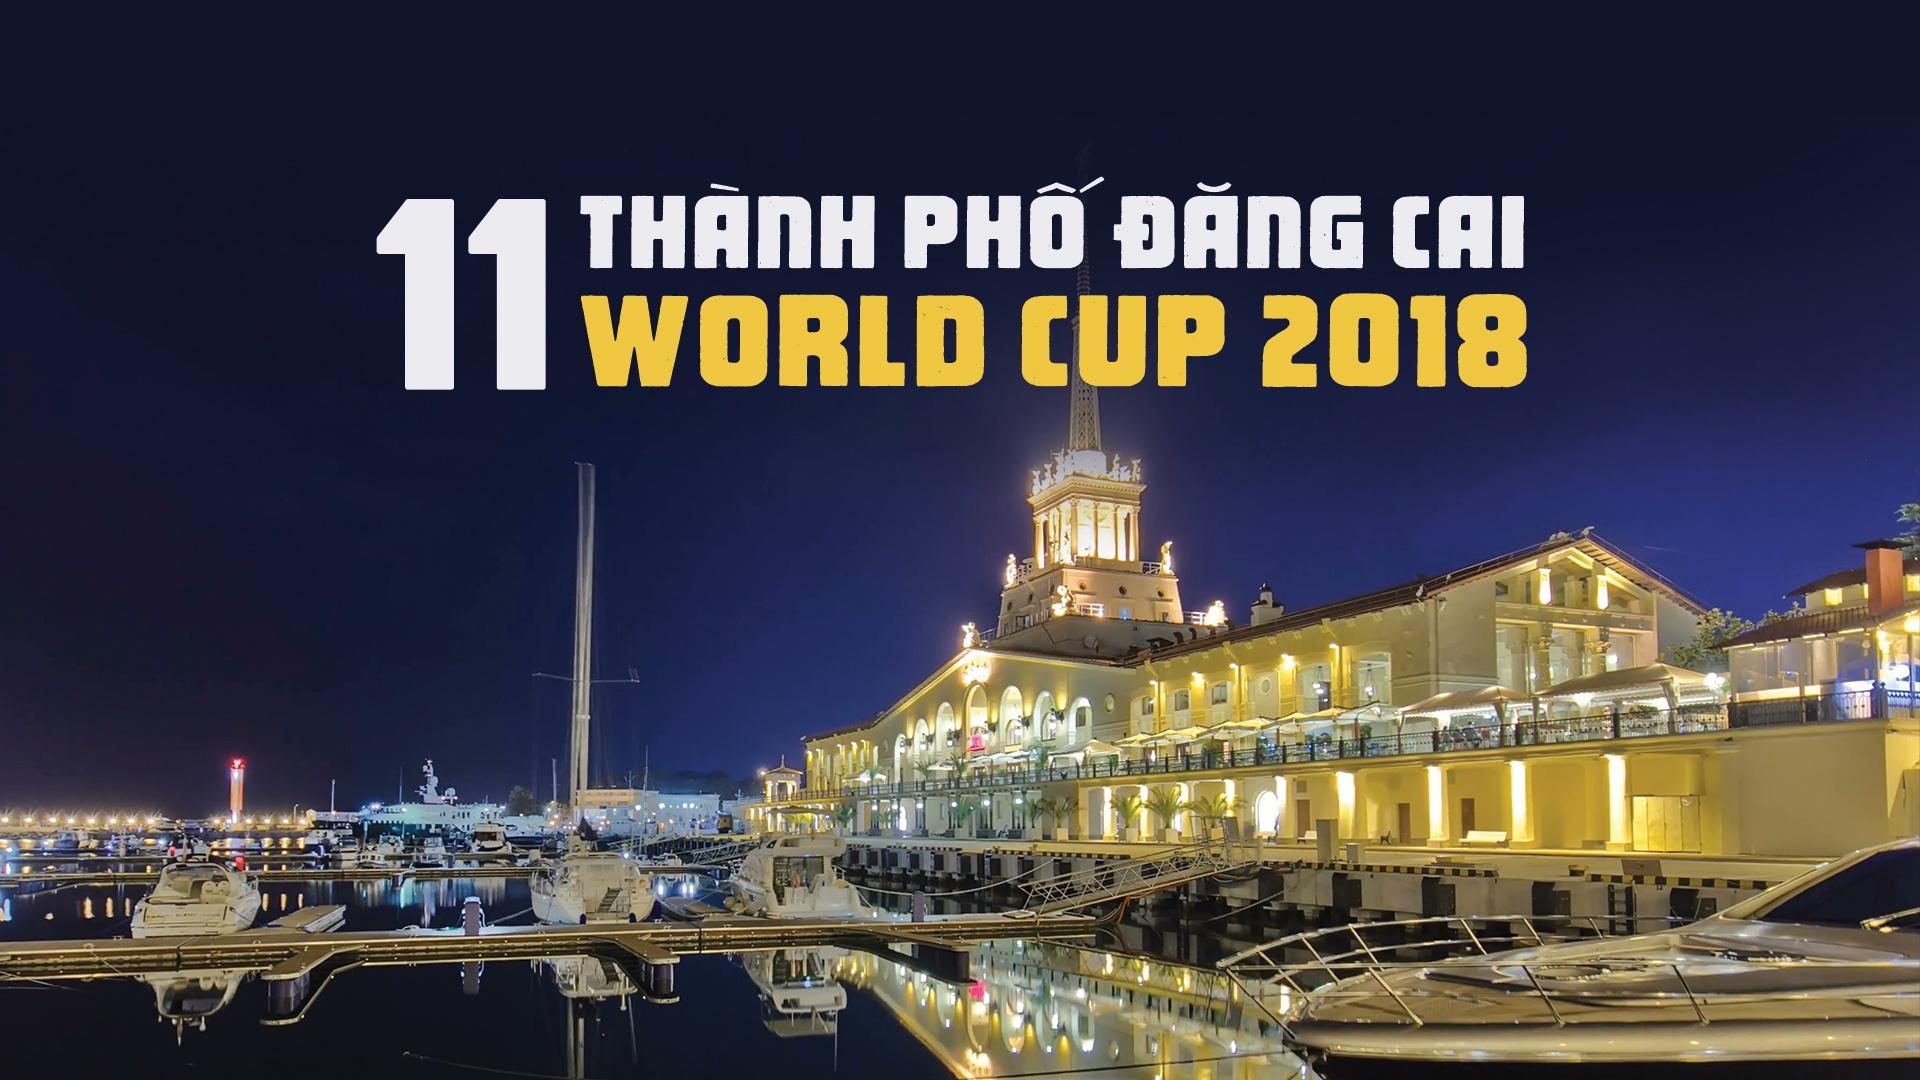 Kham pha 11 thanh pho cua Nga dang cai World Cup 2018 hinh anh 1